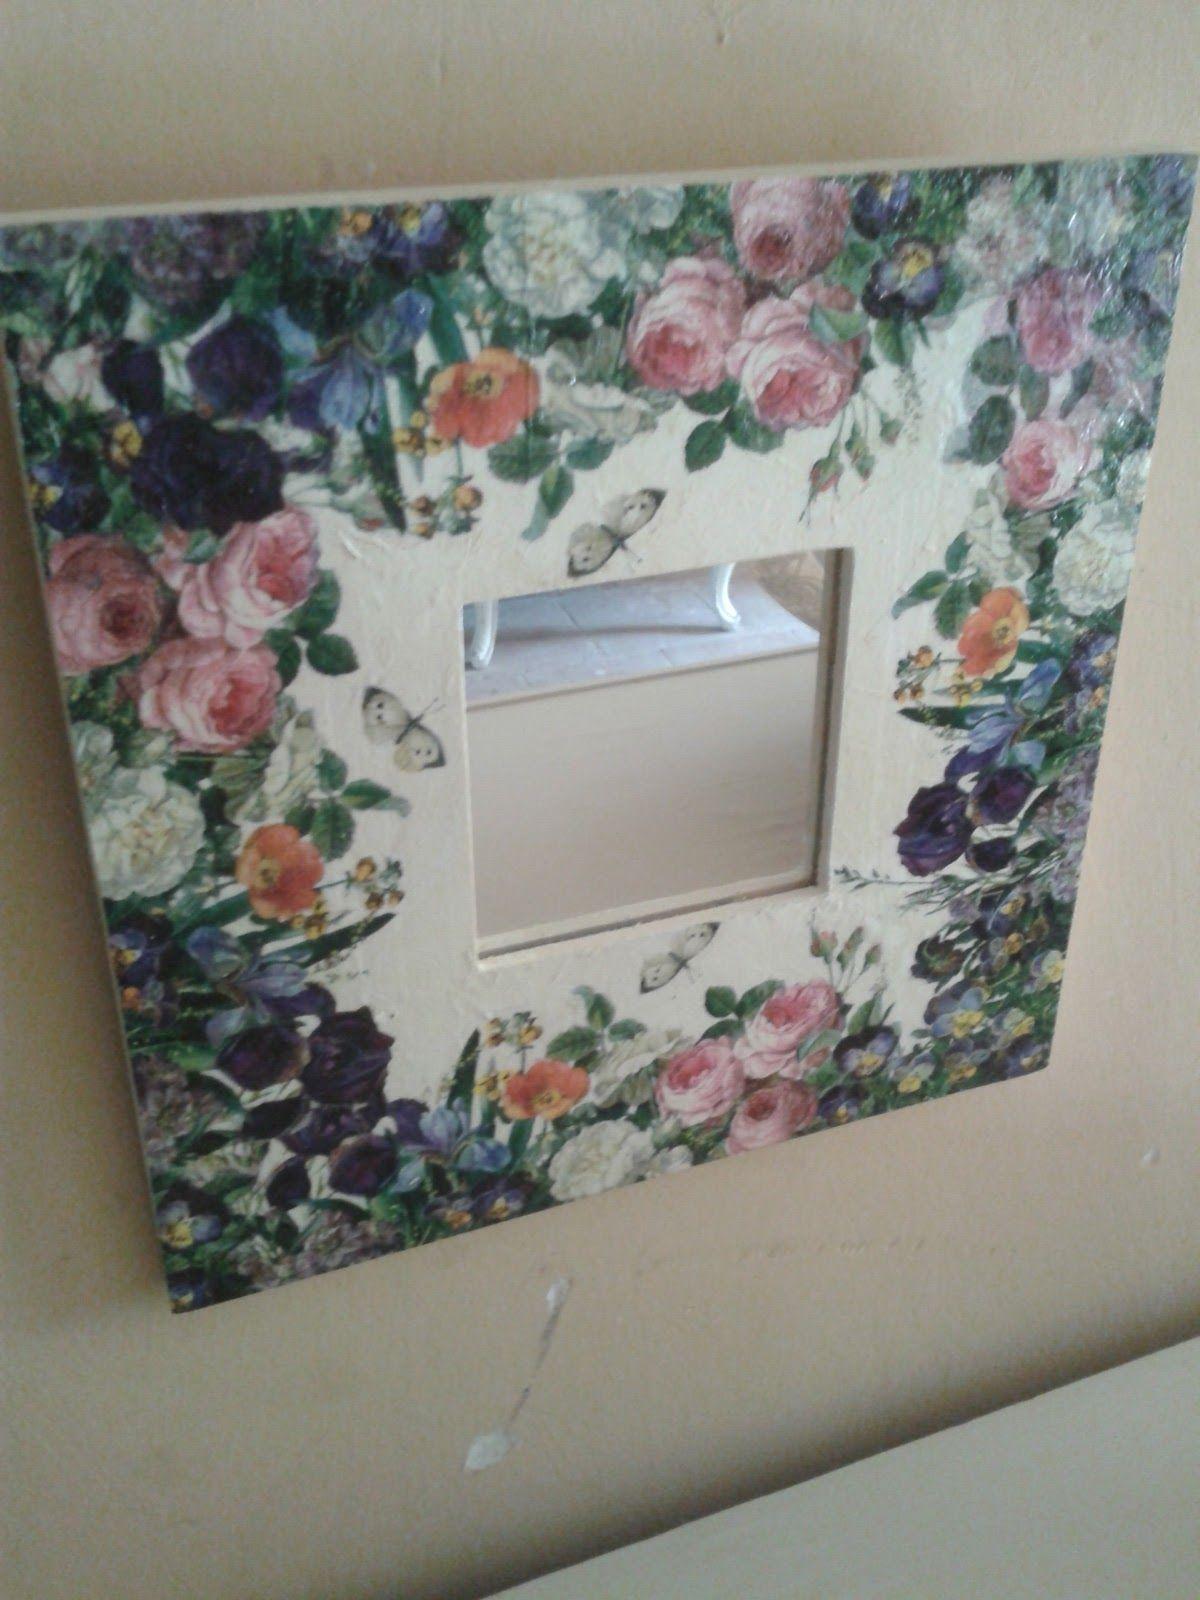 Malma del ikea con decoupage espejo marcos y artesan as - Espejos de ikea ...